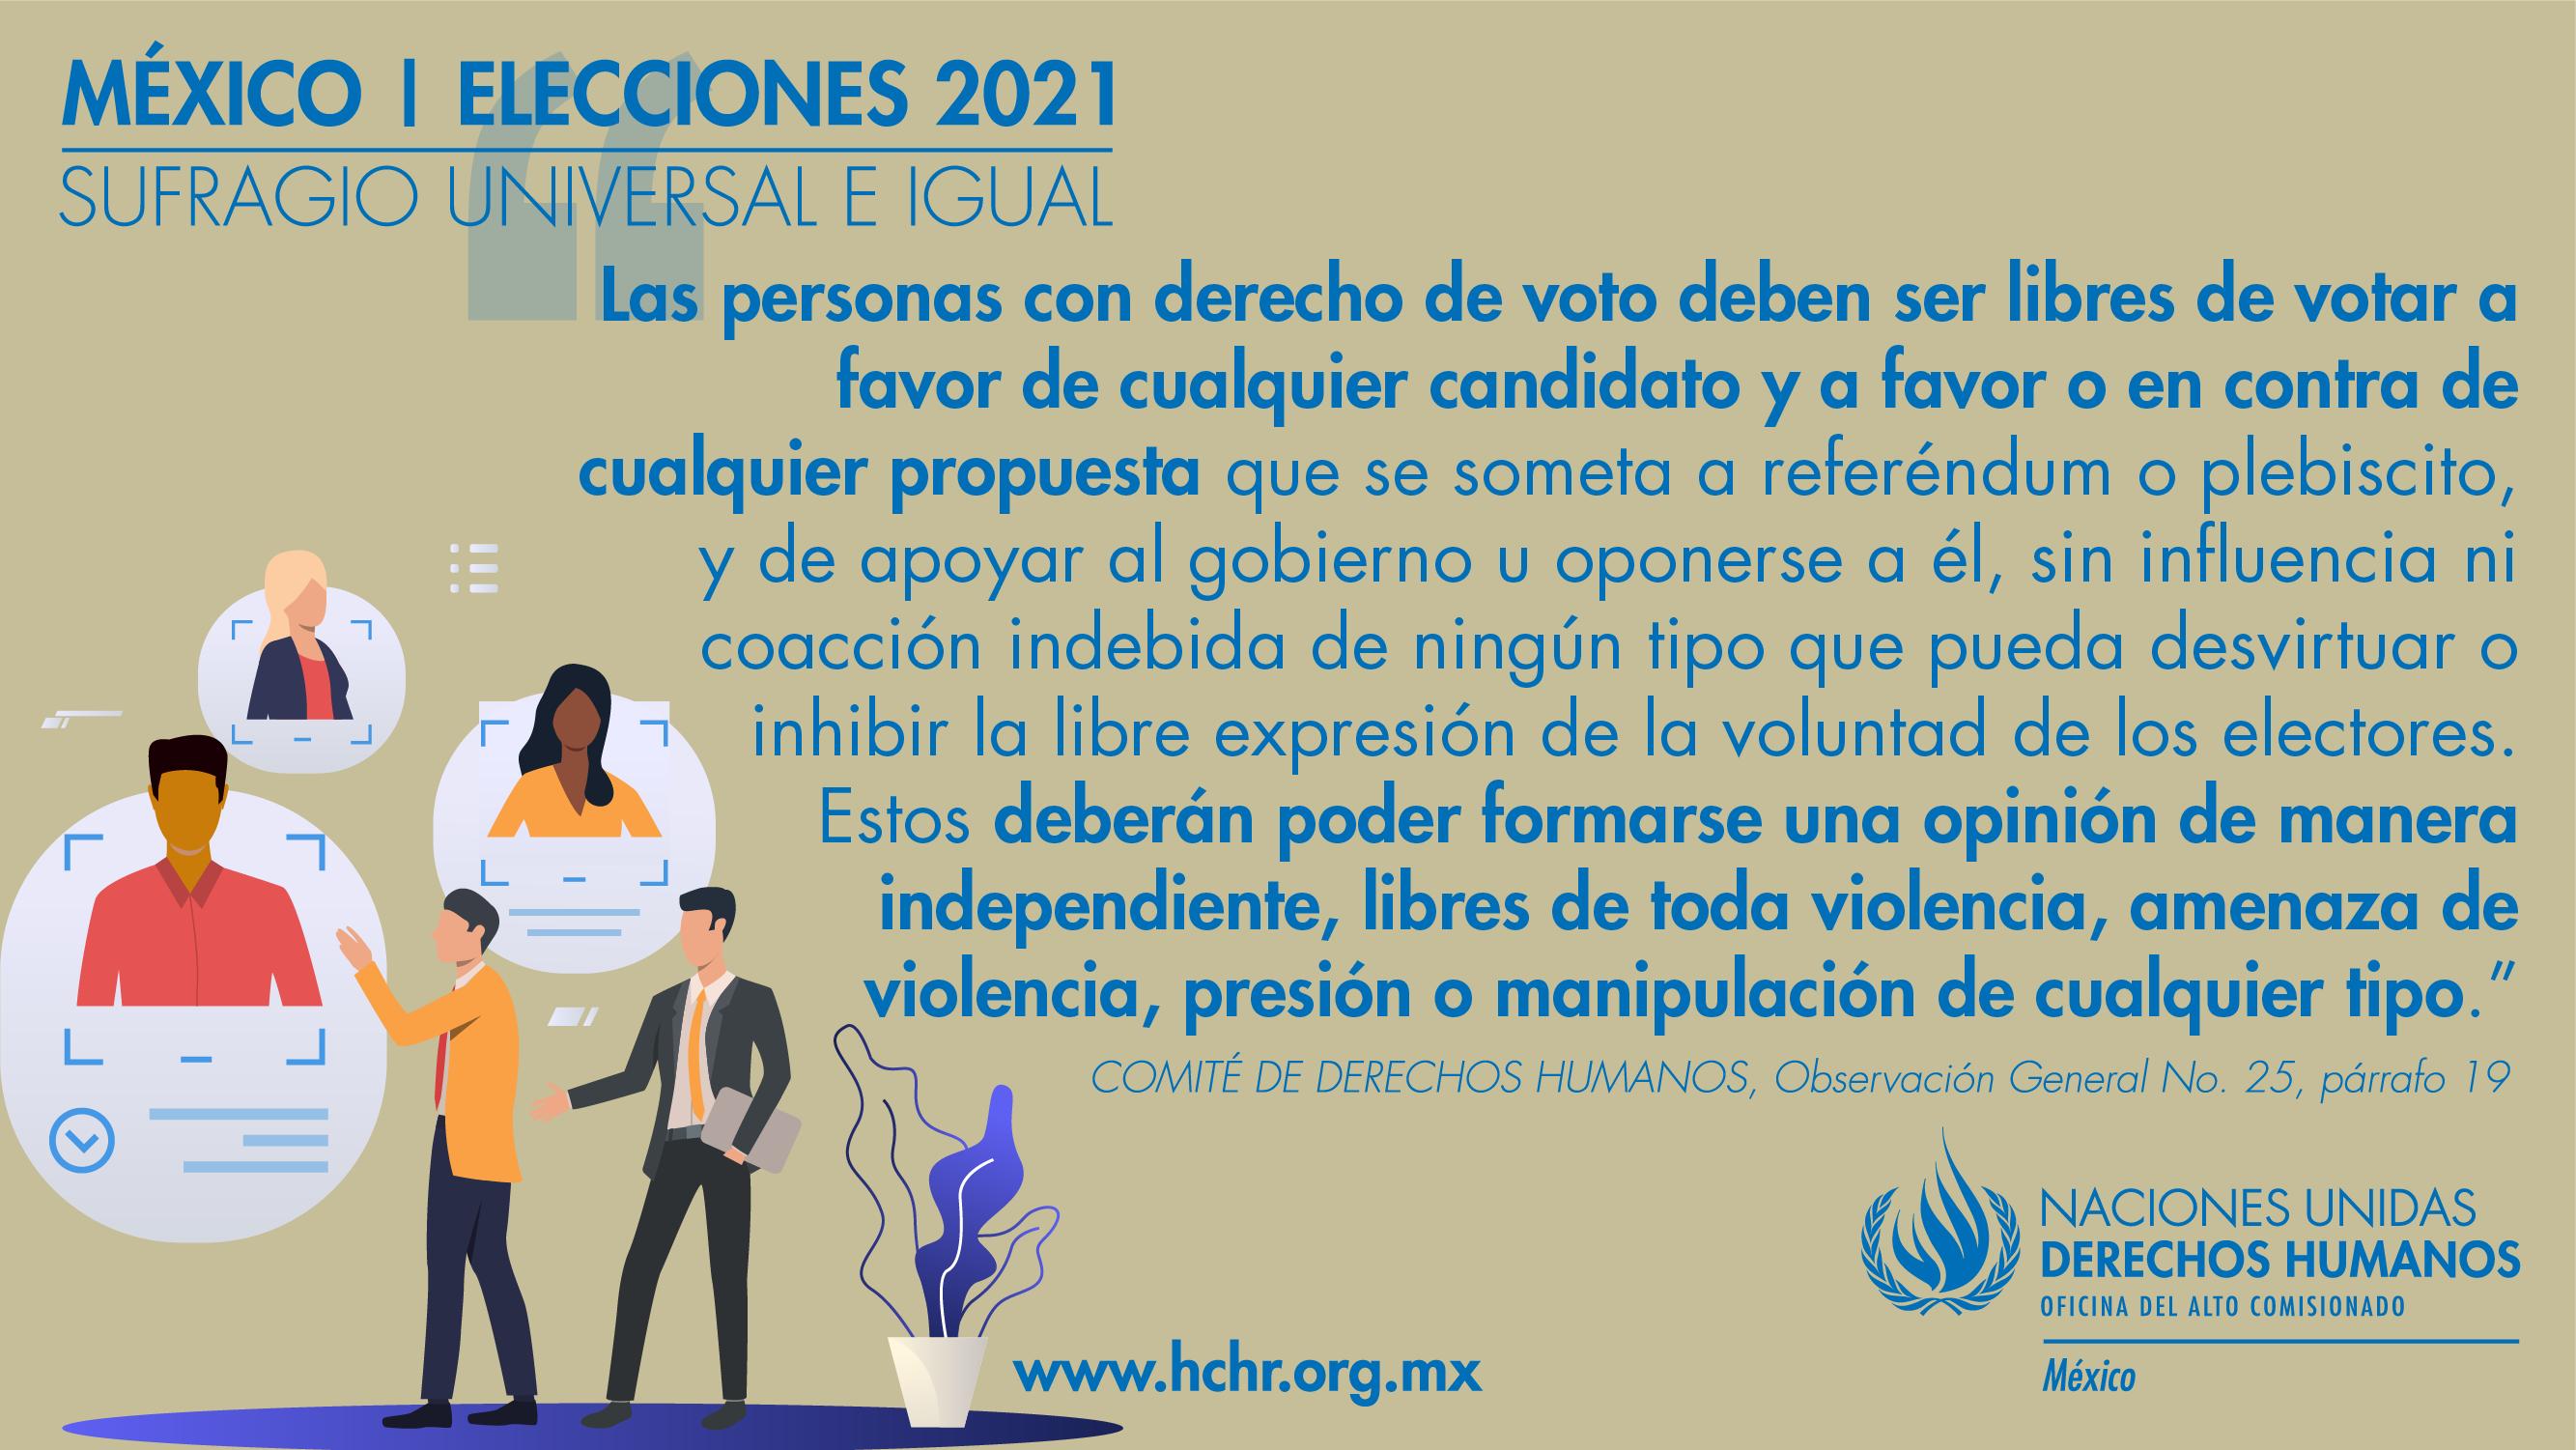 Postales_EstándaresDH_Elecciones_Mesa de trabajo 1 copia 13